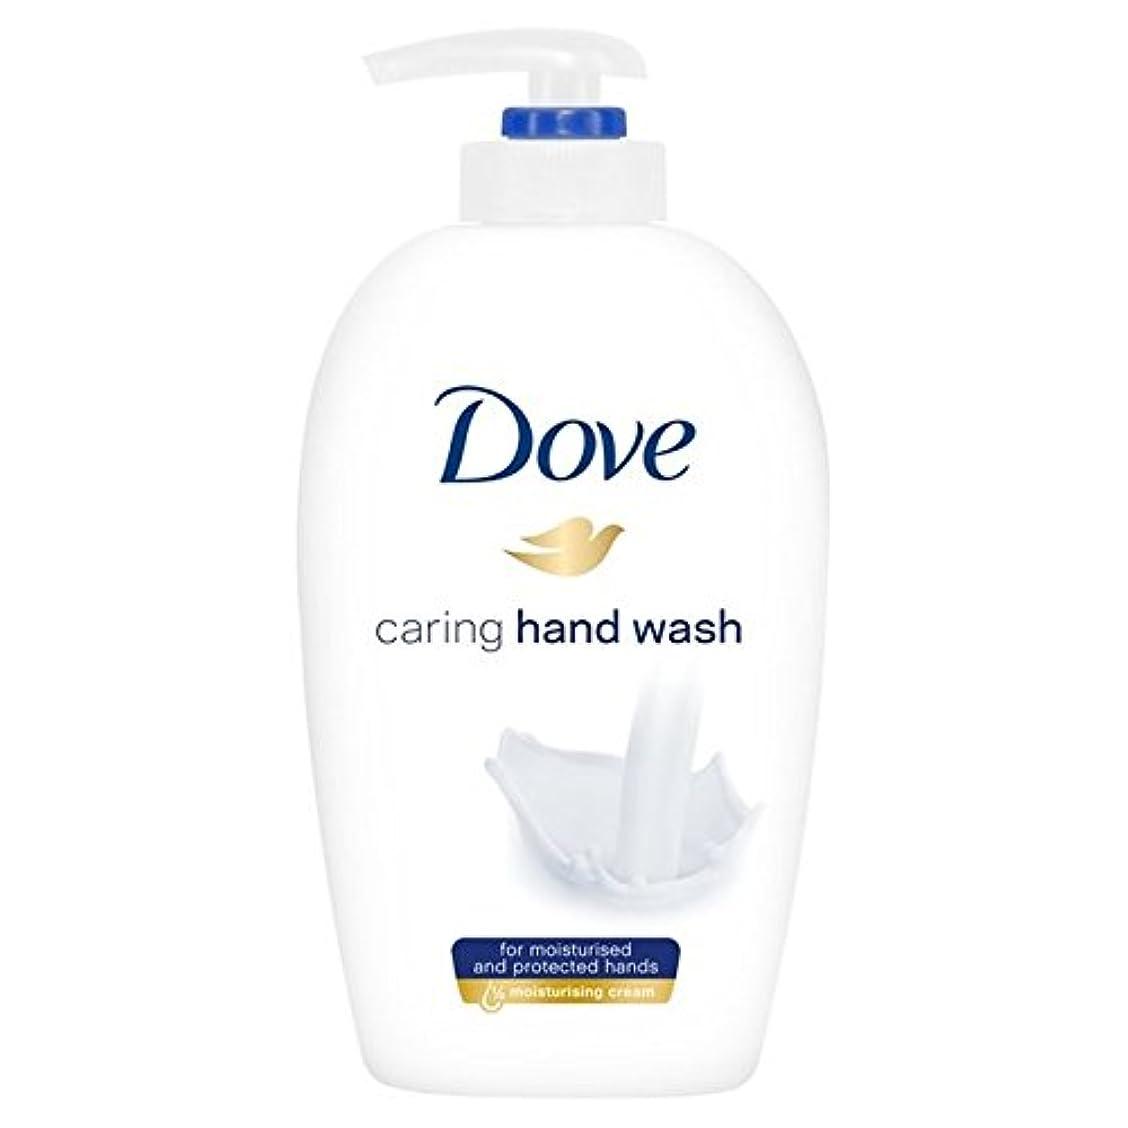 スティック前提寄託鳩思いやり手洗い250ミリリットル x4 - Dove Caring Hand Wash 250ml (Pack of 4) [並行輸入品]